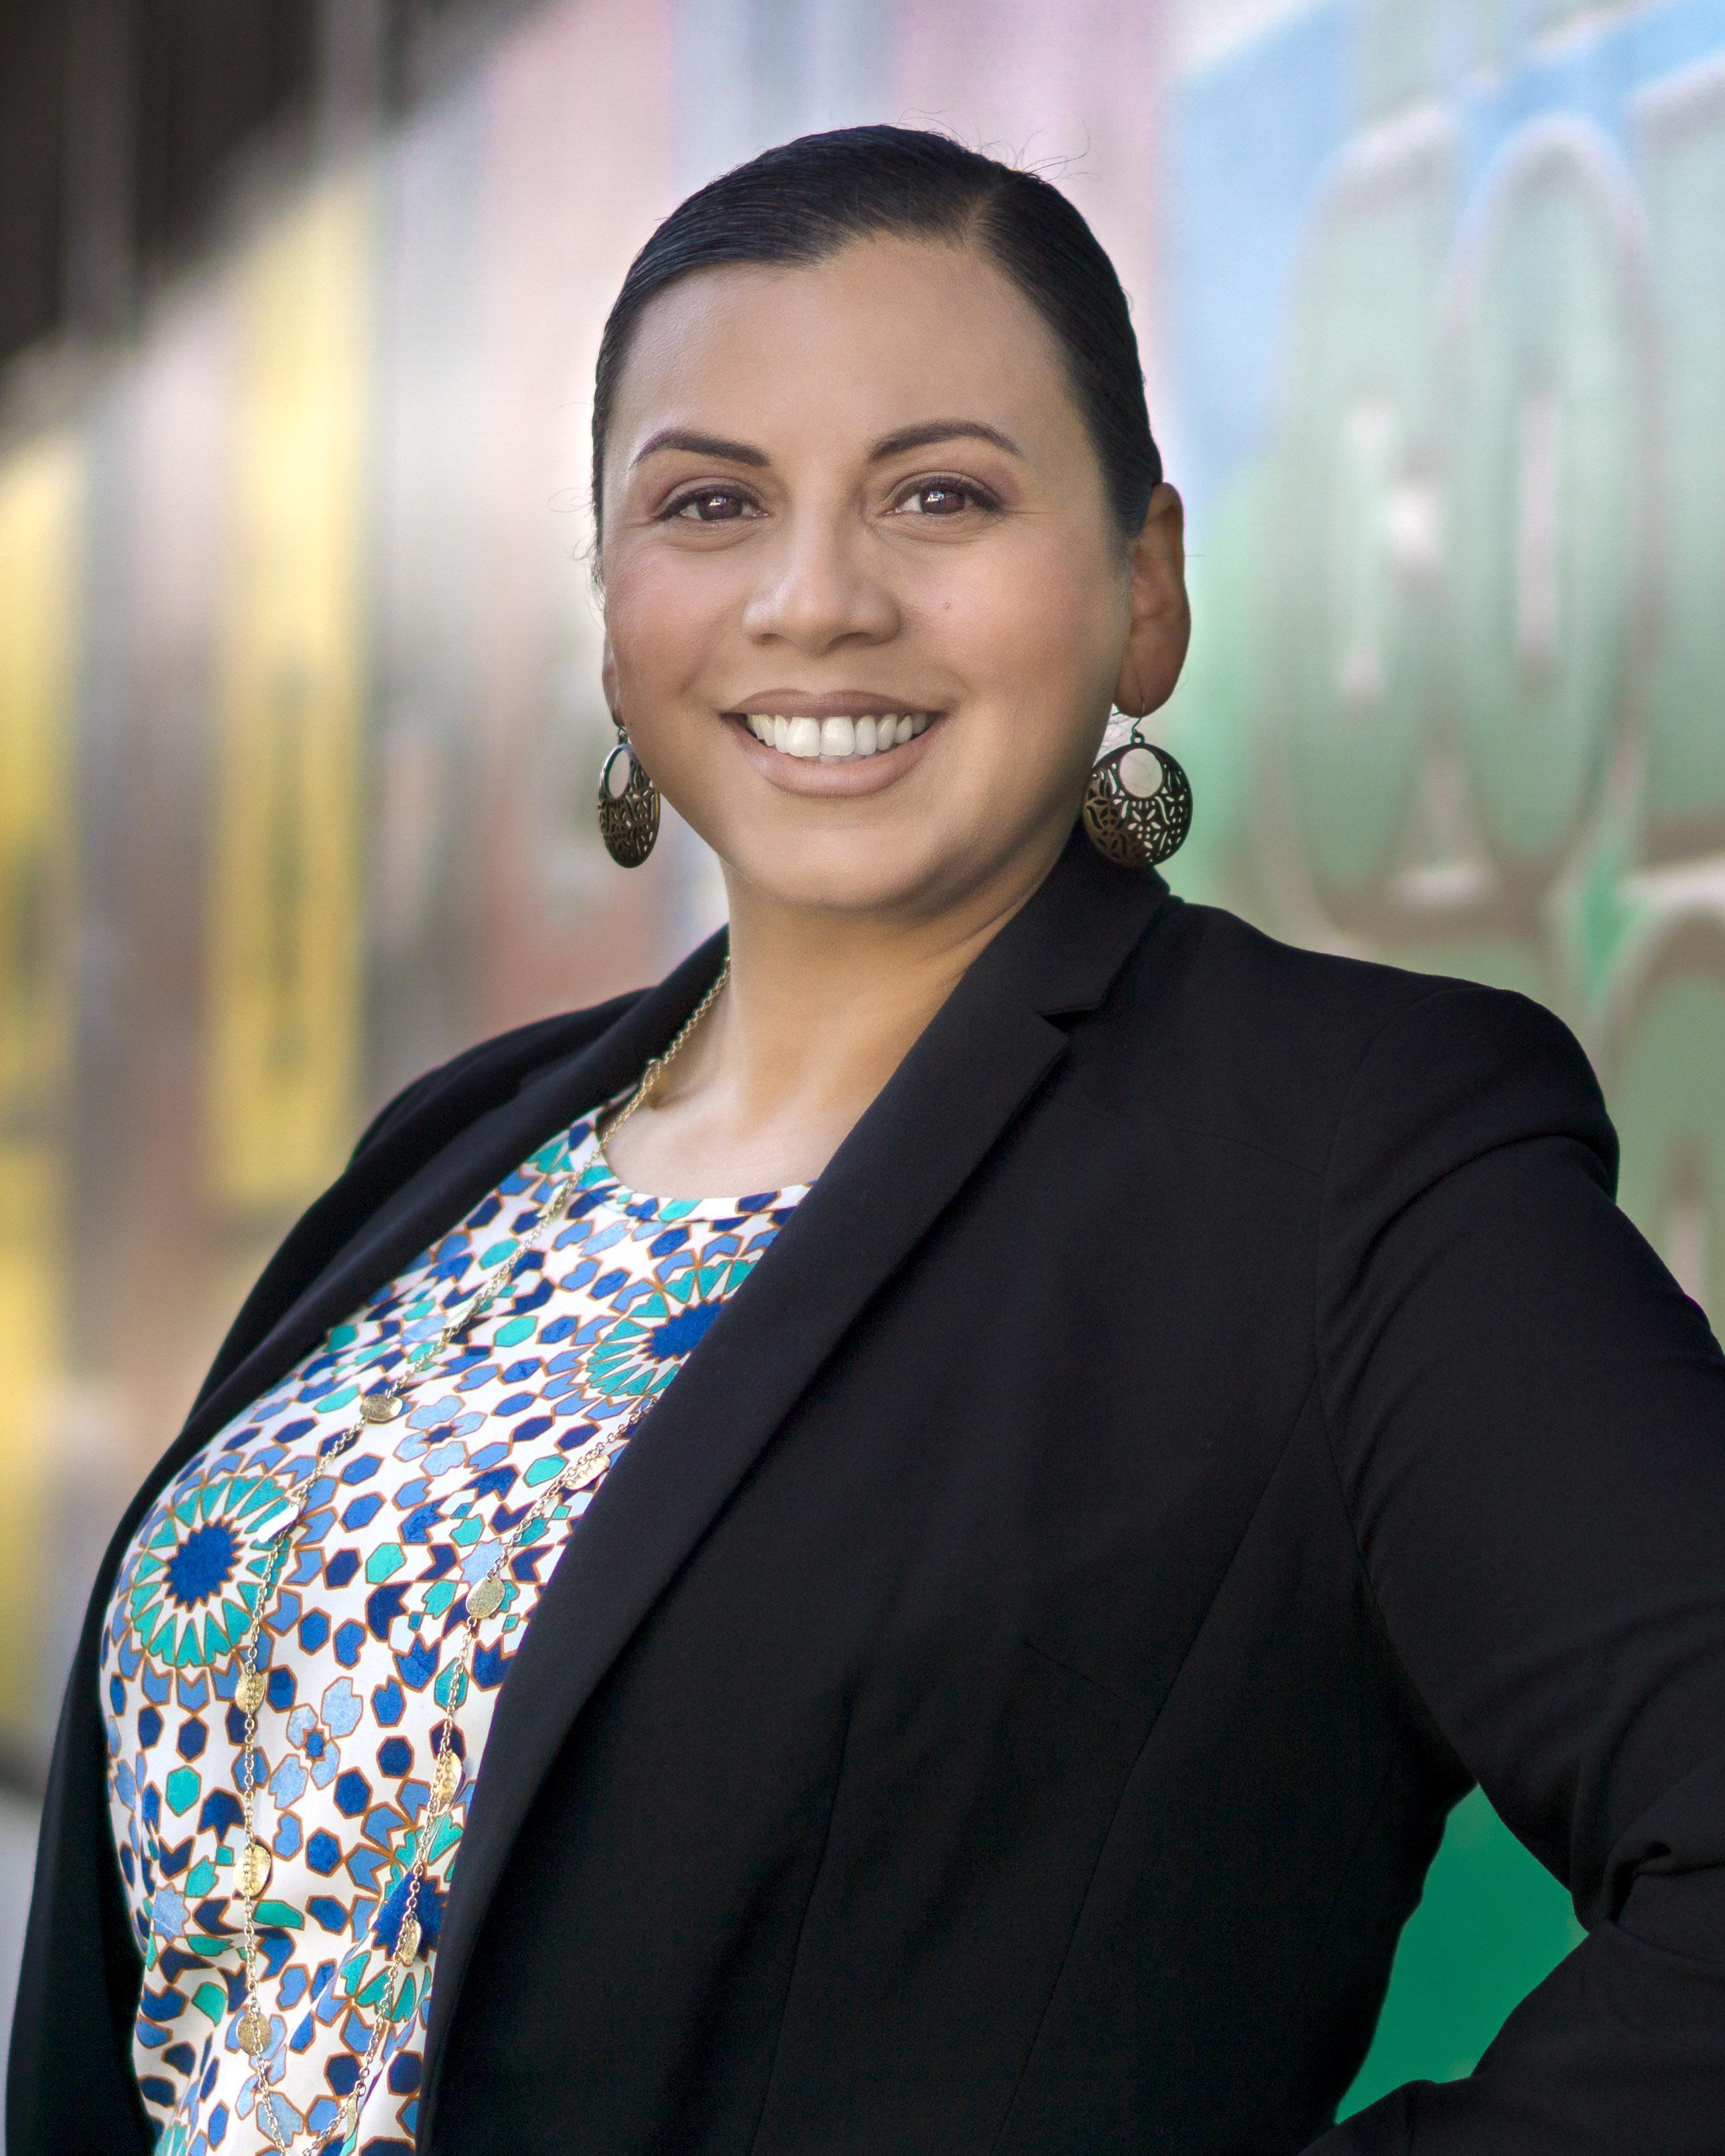 Principal Skarlette Torres